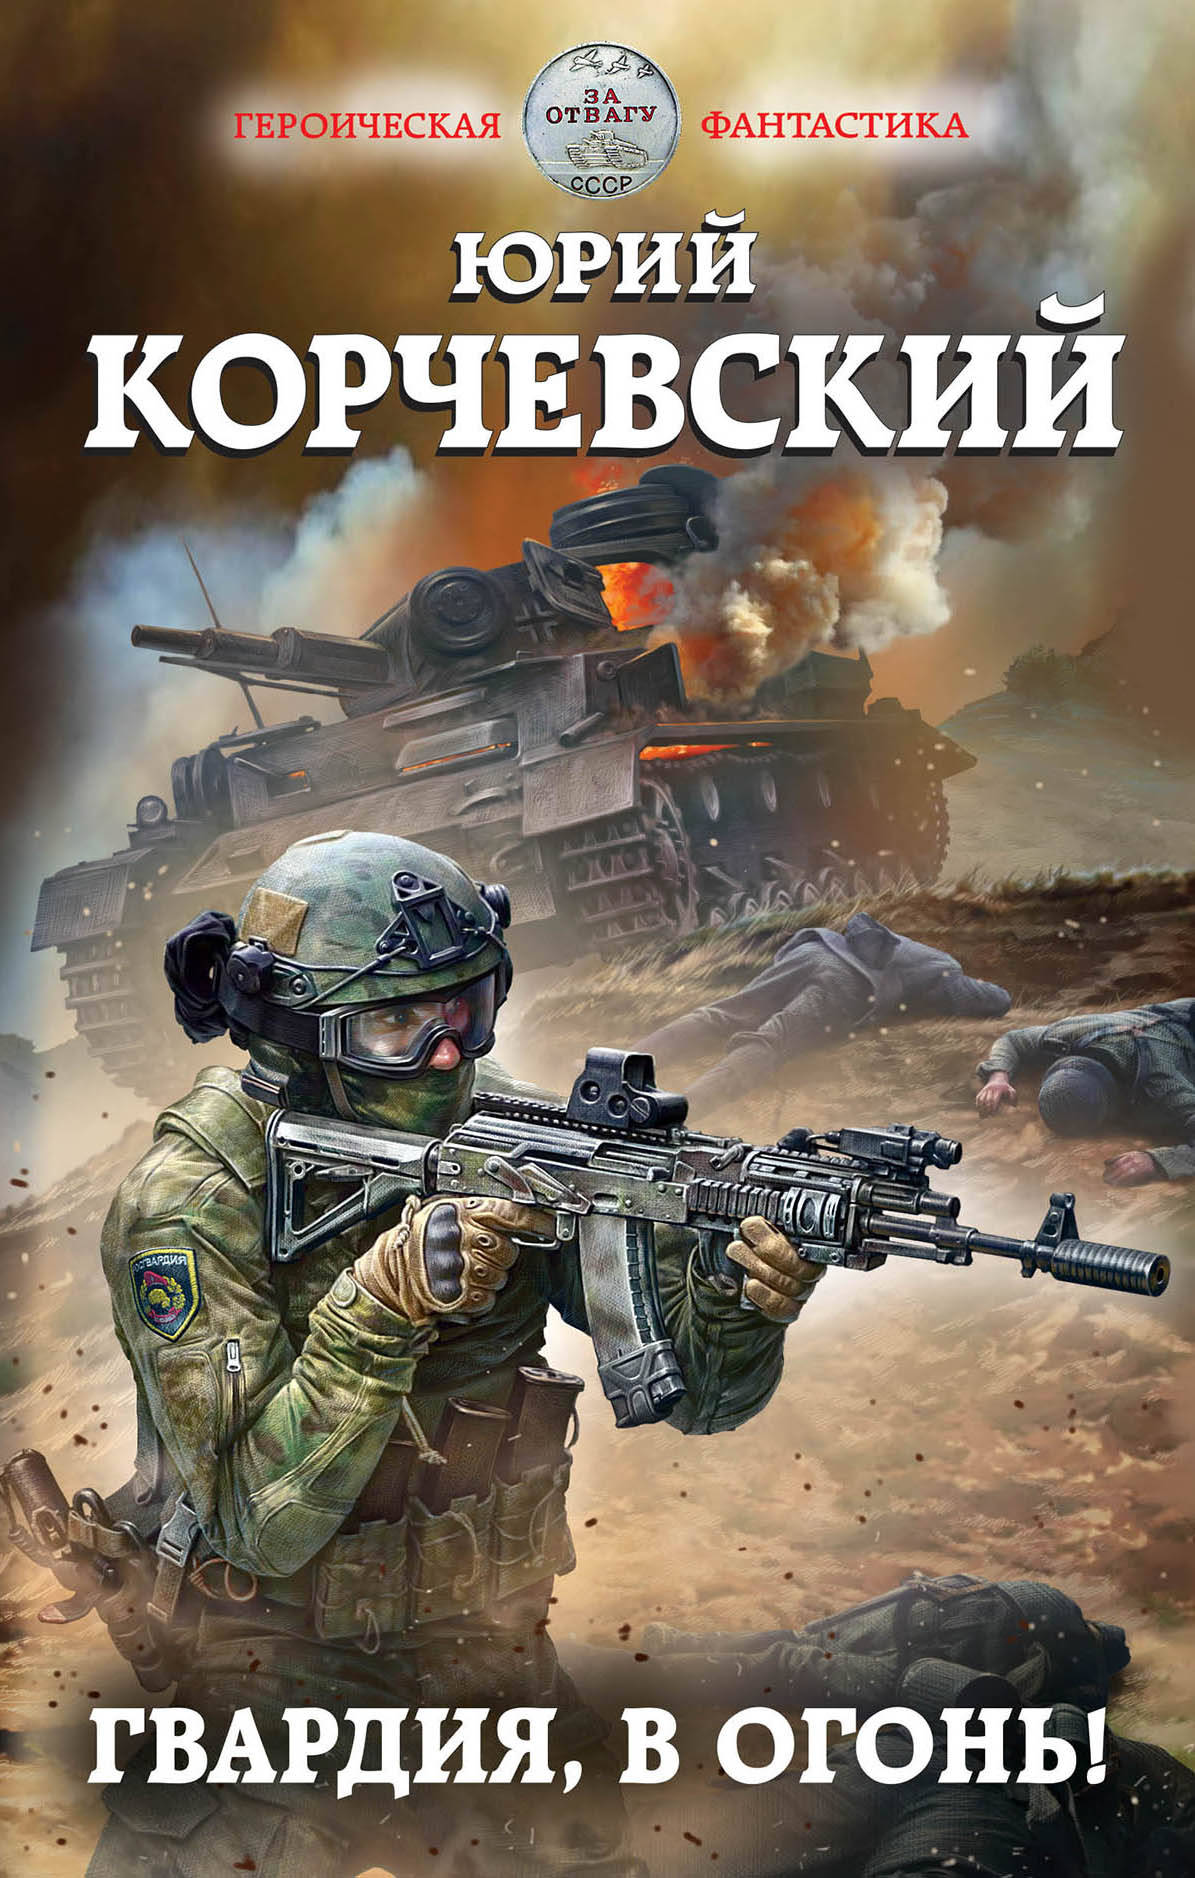 Гвардия, в огонь! танковые засады бронебойным огонь